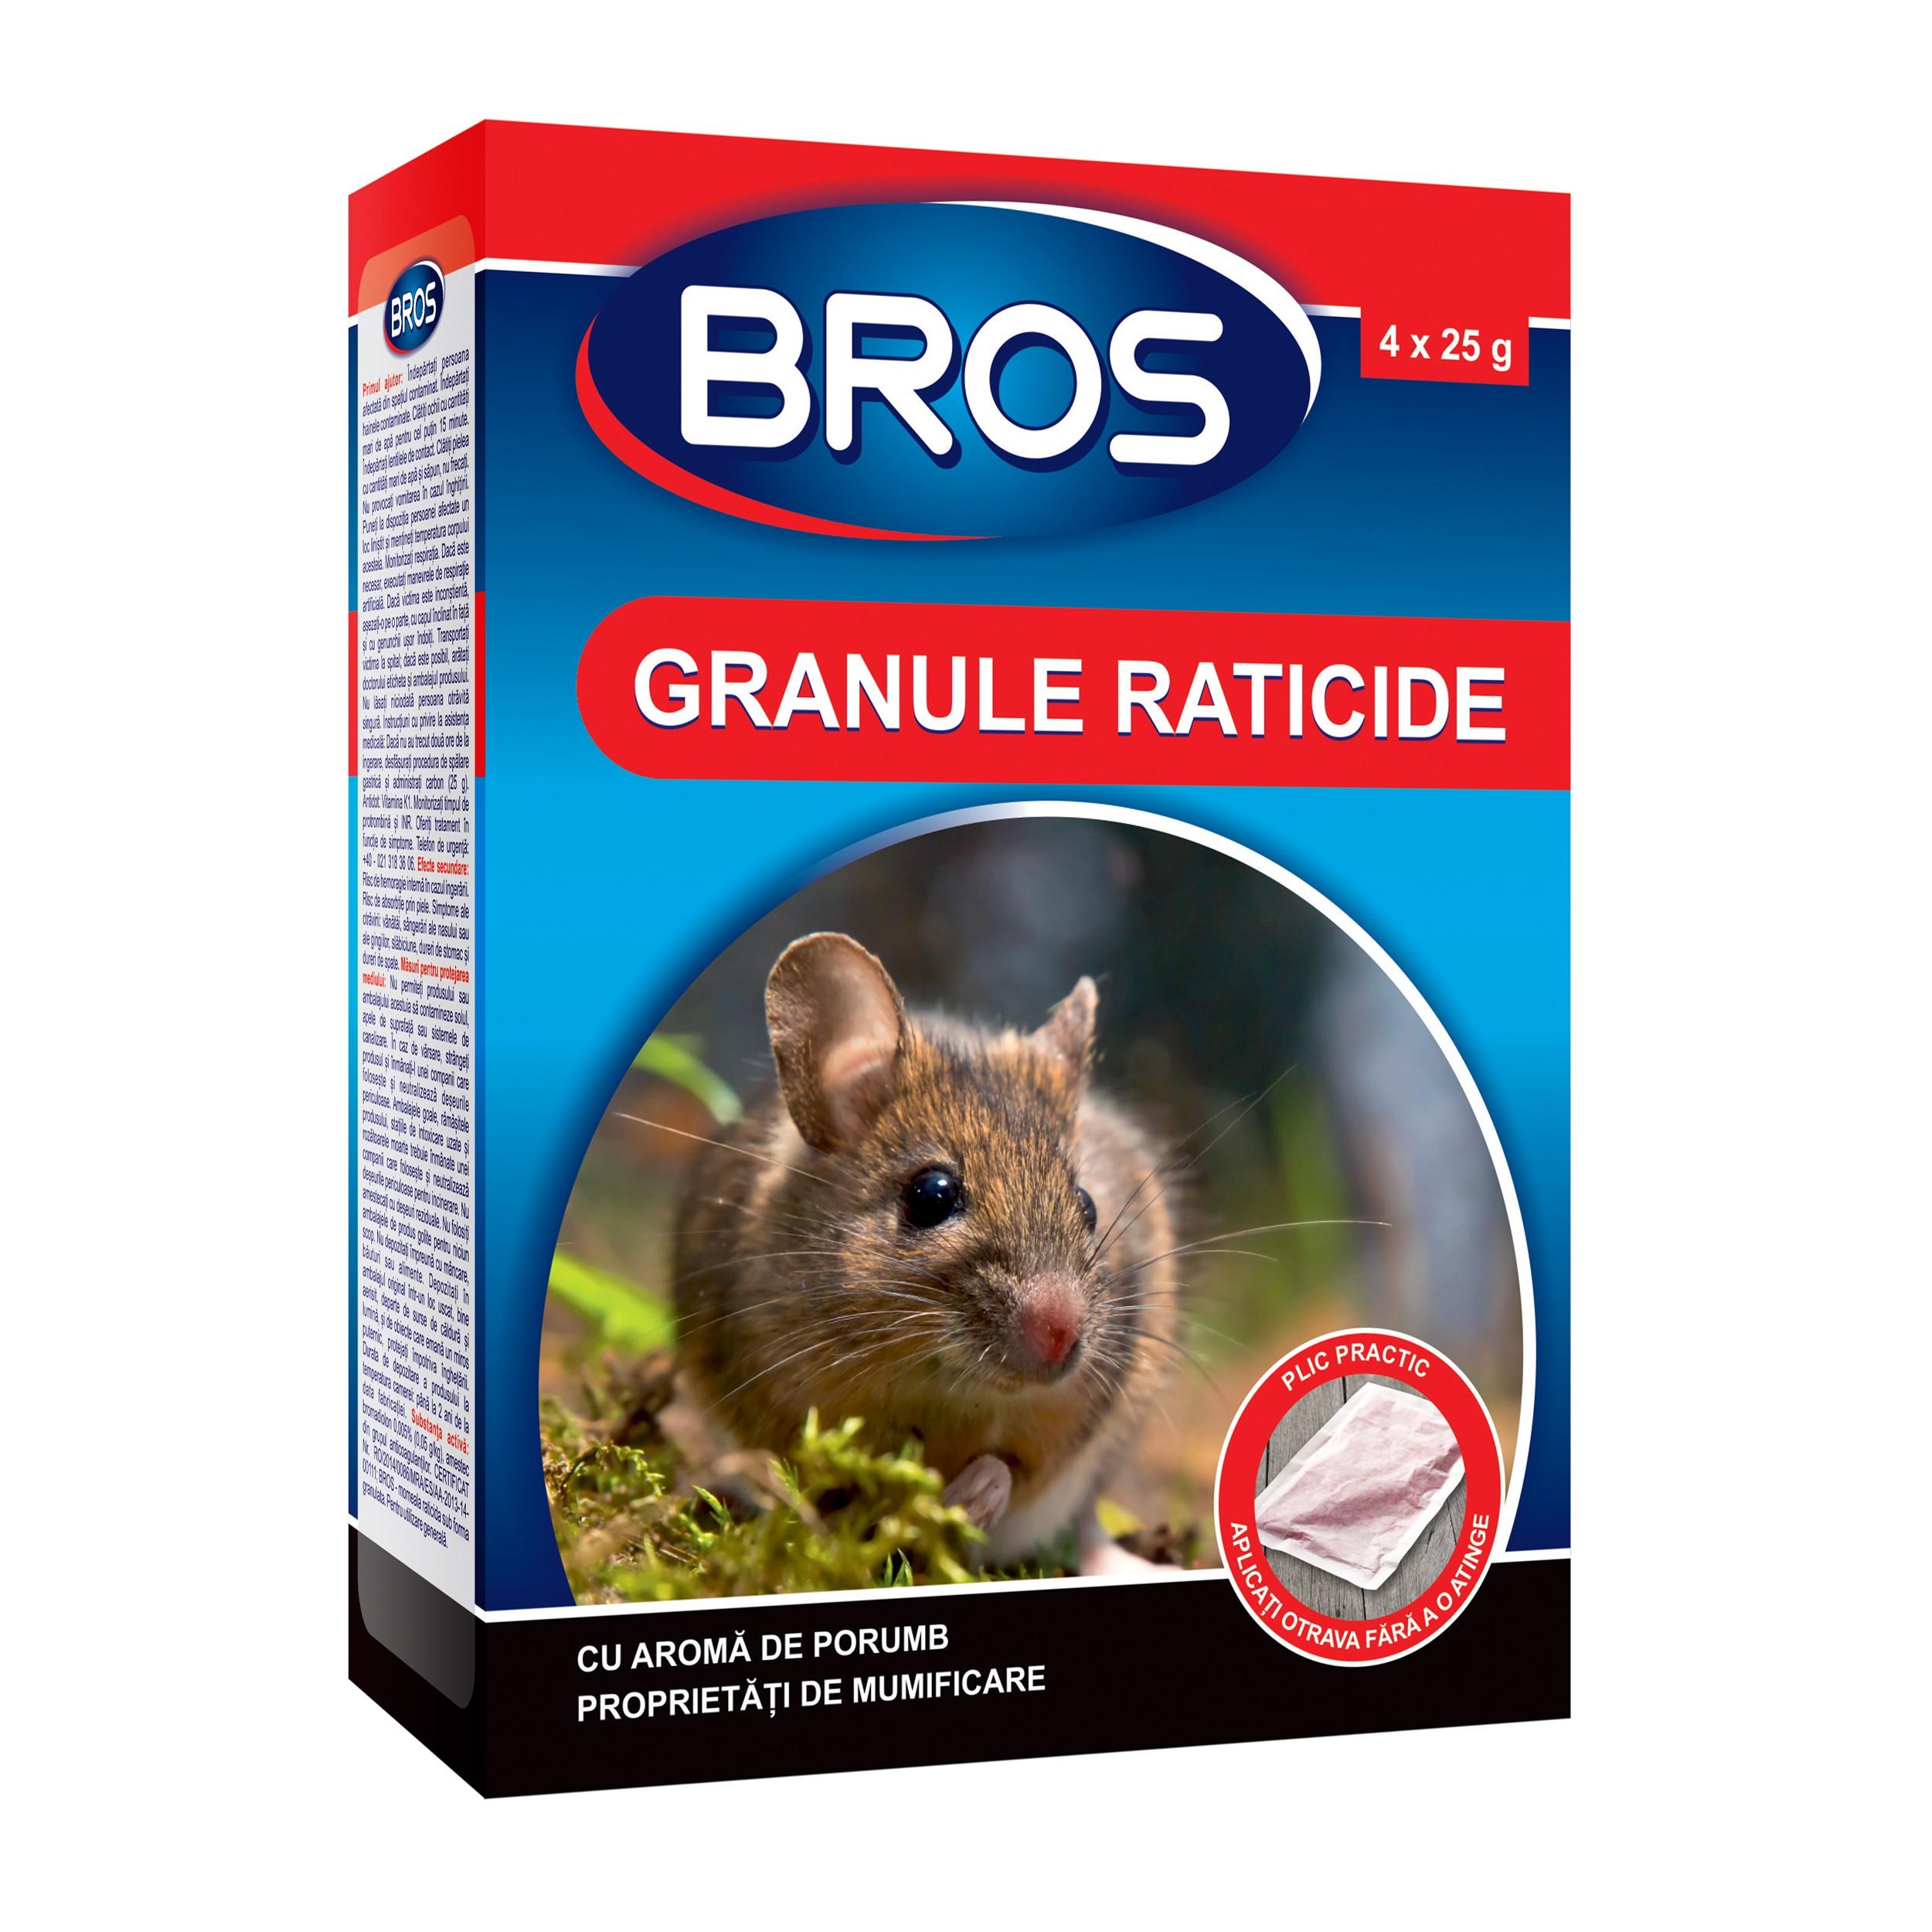 șoareci în genunchi)